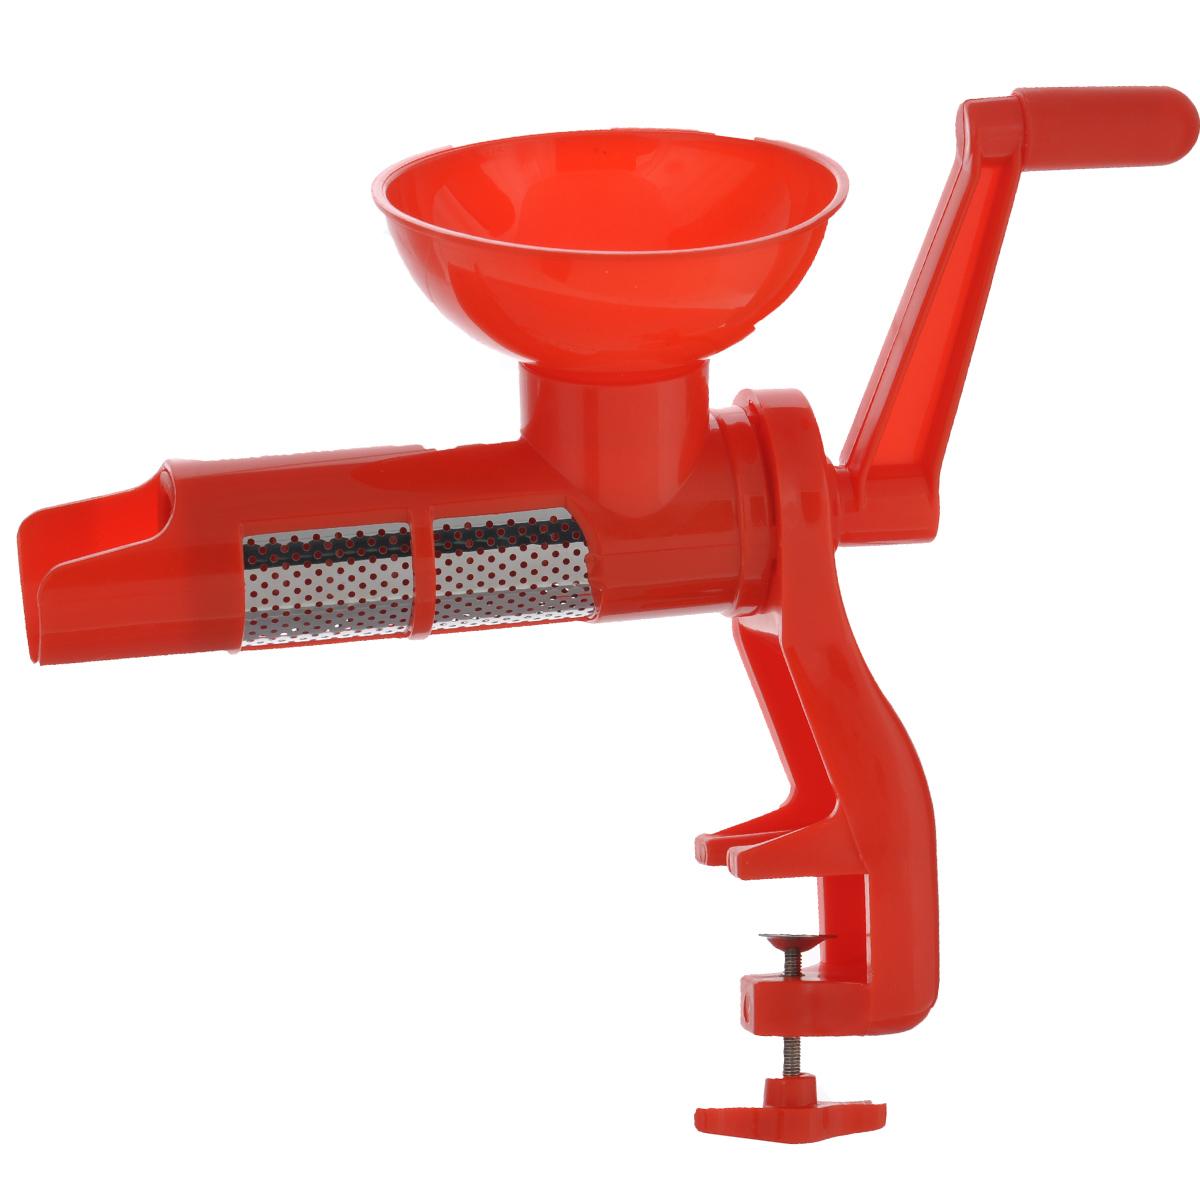 Соковыжималка для томатов House & Holder, цвет: красныйDS013Соковыжималка House & Holder выполнена из пластика с металлическим шнеком. Она предназначена для получения сока и мякоти томатов. Соковыжималка очень проста в использовании: установите ее на столе или любой другой подходящей поверхности и зафиксируйте с помощью винта-зажима. Поставьте тарелку под цилиндрическую часть терки с маленькими отверстиями, куда будет стекать сок с мякотью, и еще одну тарелку - для отходов. Положите нарезанные томаты в чашу, поворачивайте ручку вправо, и сок начнет стекать. В случае блокировки и засора терки поверните ручку против часовой стрелки, вытяните цилиндрическую часть терки, помойте ее и вставьте обратно.